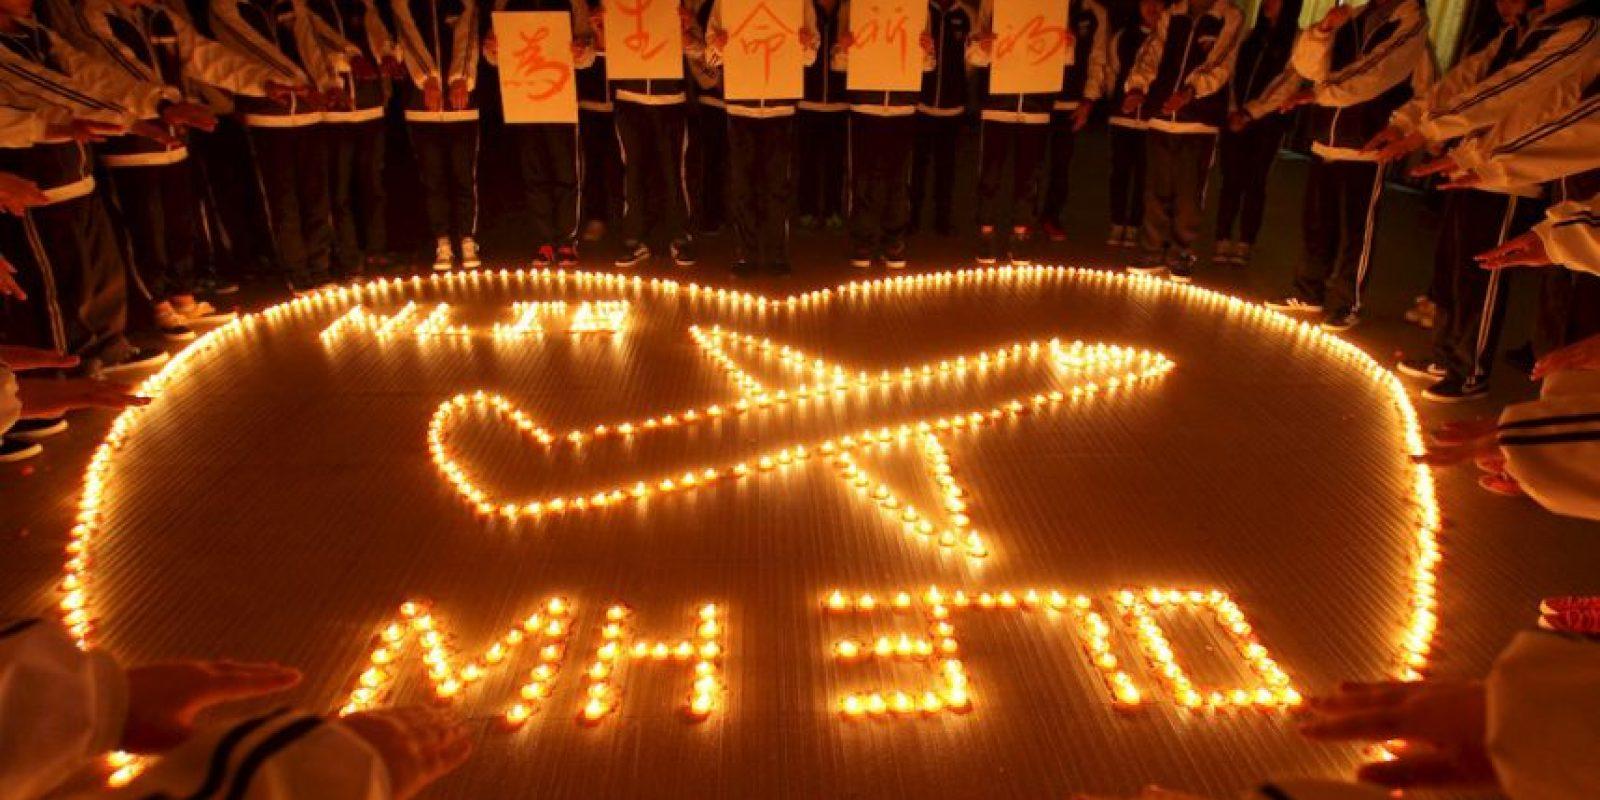 Este fue el primer accidente que marcó la historia de los vuelos en 2014 Foto:Getty Images